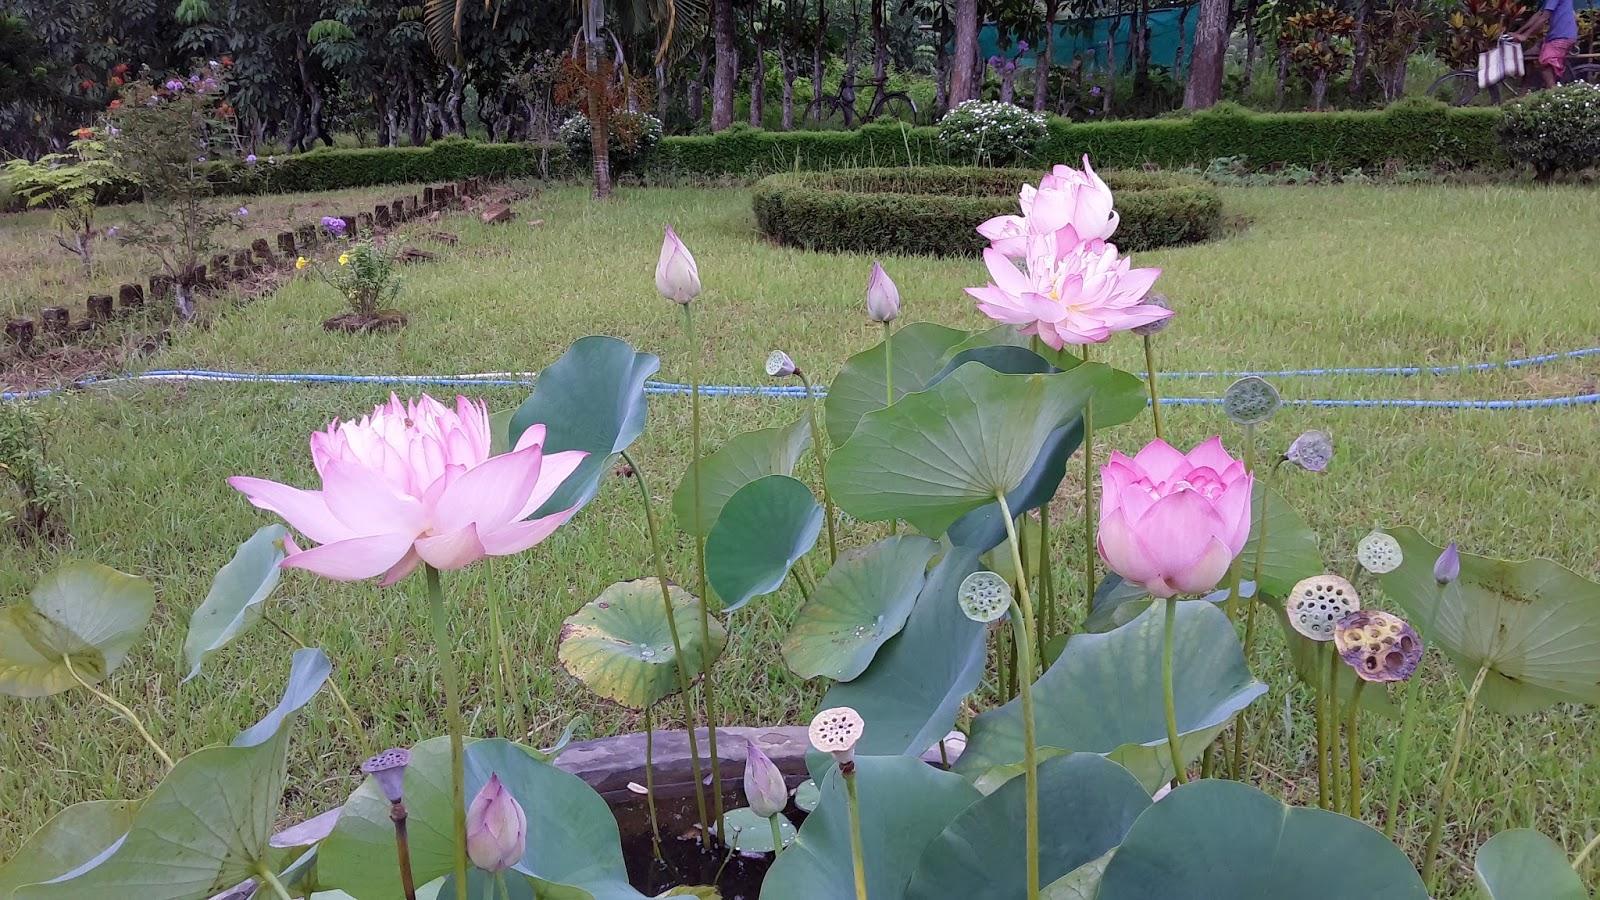 The Lotus Planet Growing A Lotus